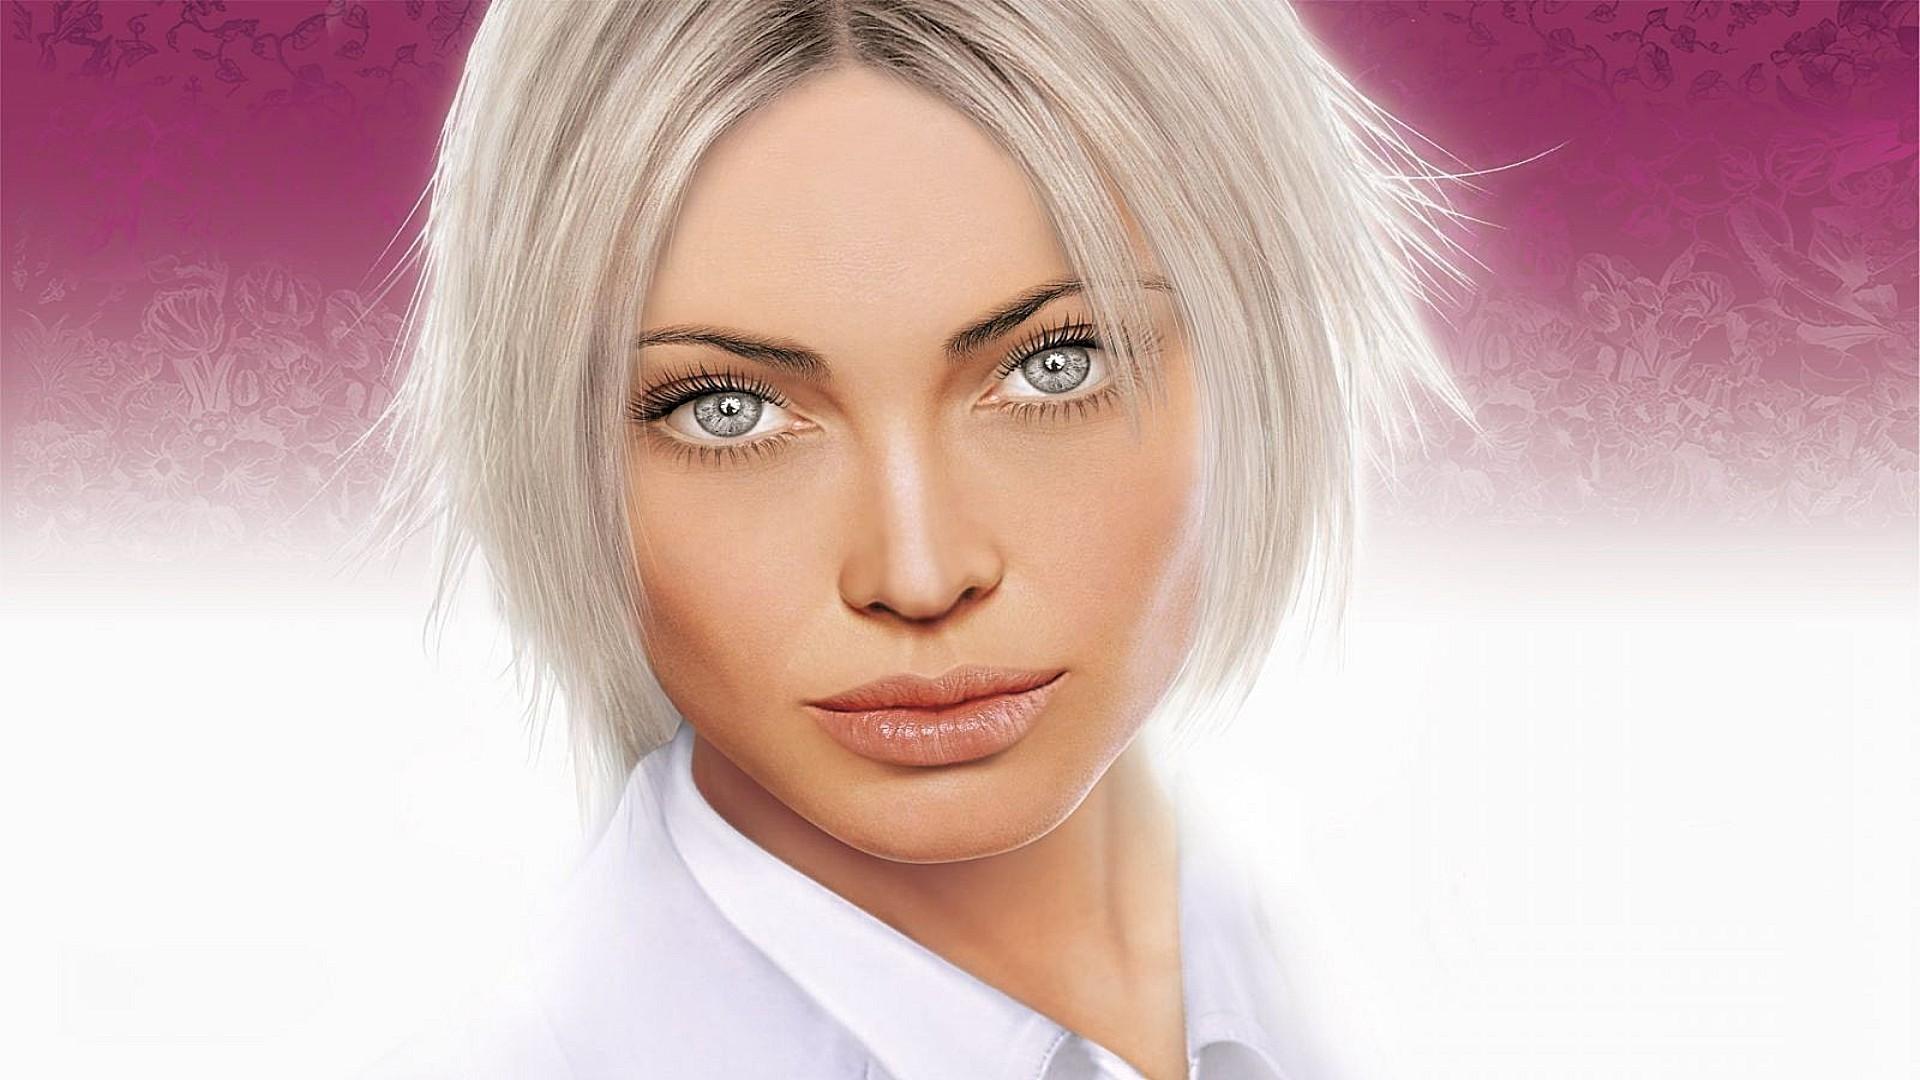 блондинка с серыми глазами фото: